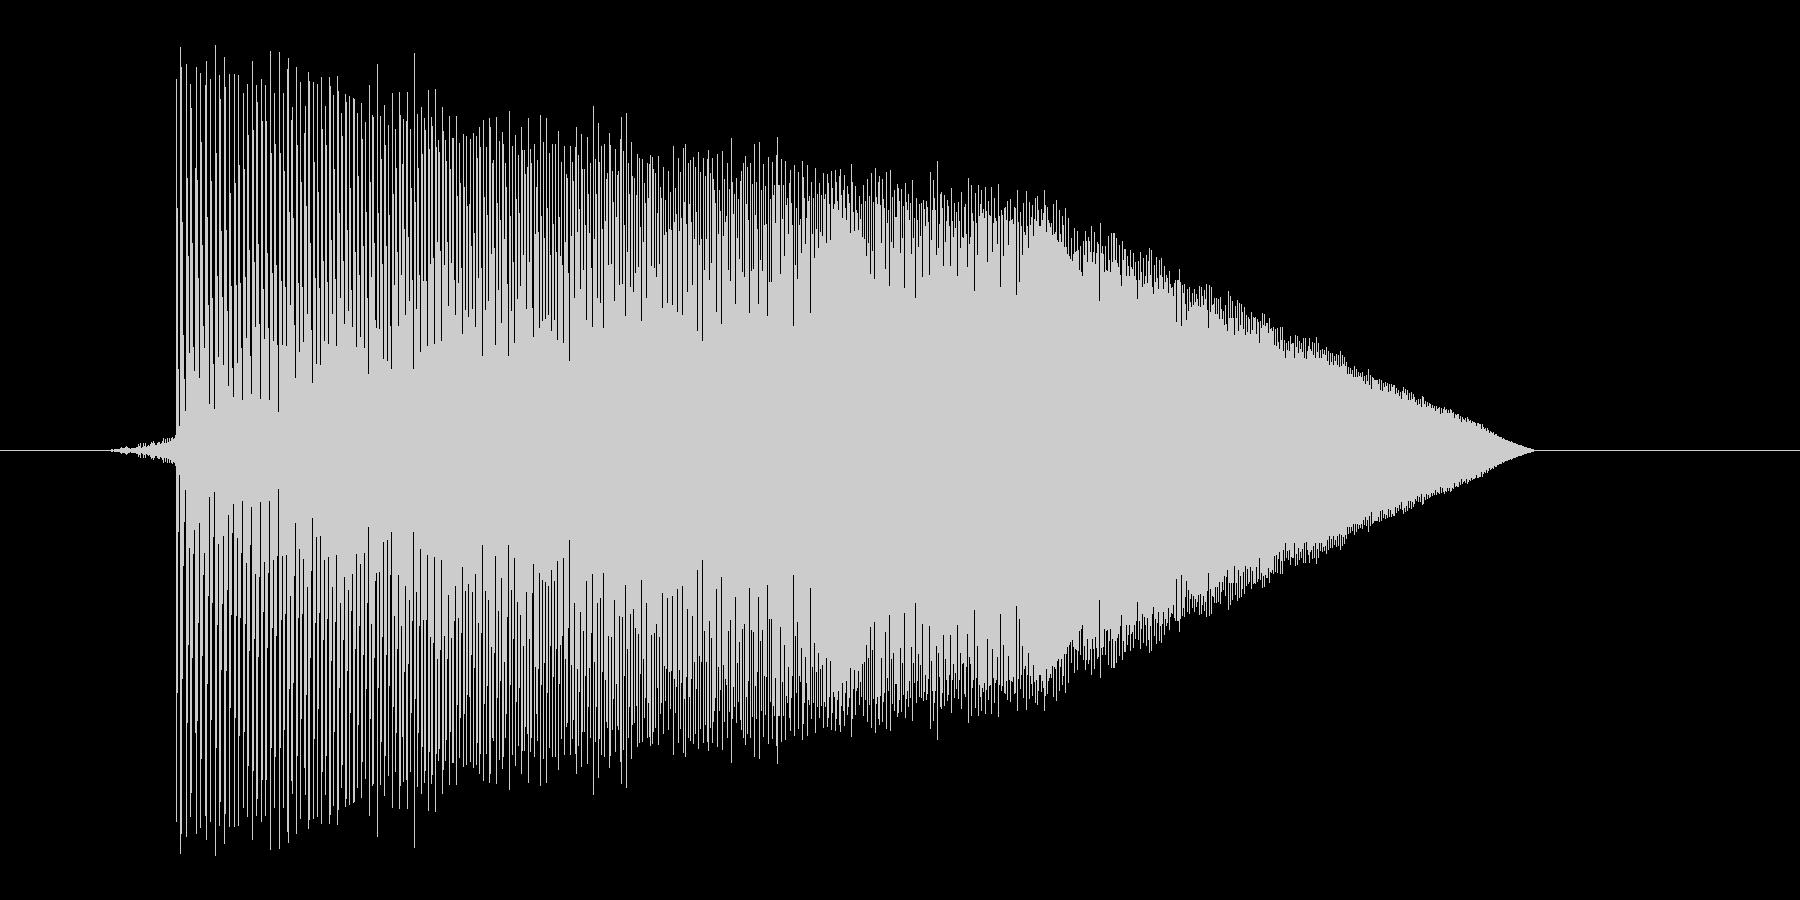 ゲーム(ファミコン風)ジャンプ音_002の未再生の波形